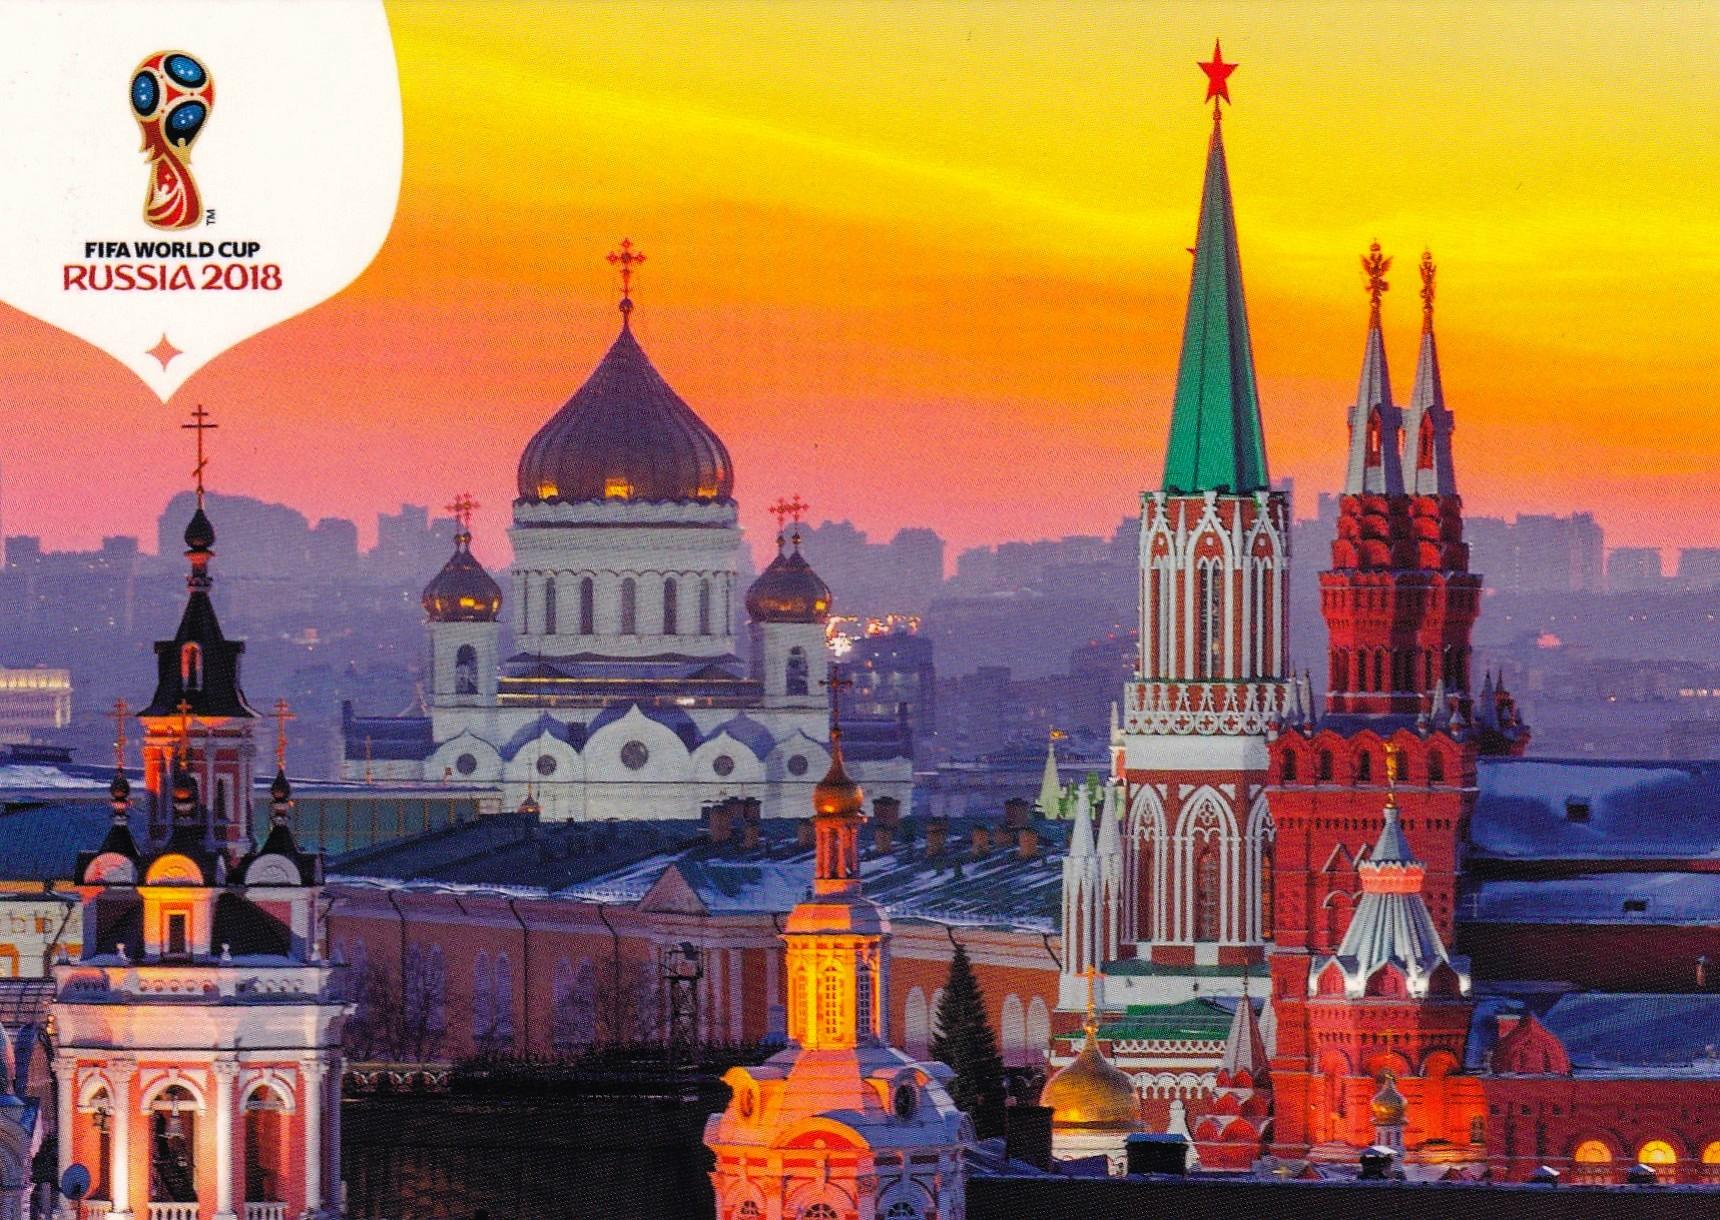 Rusia 2018 - 1720x1220